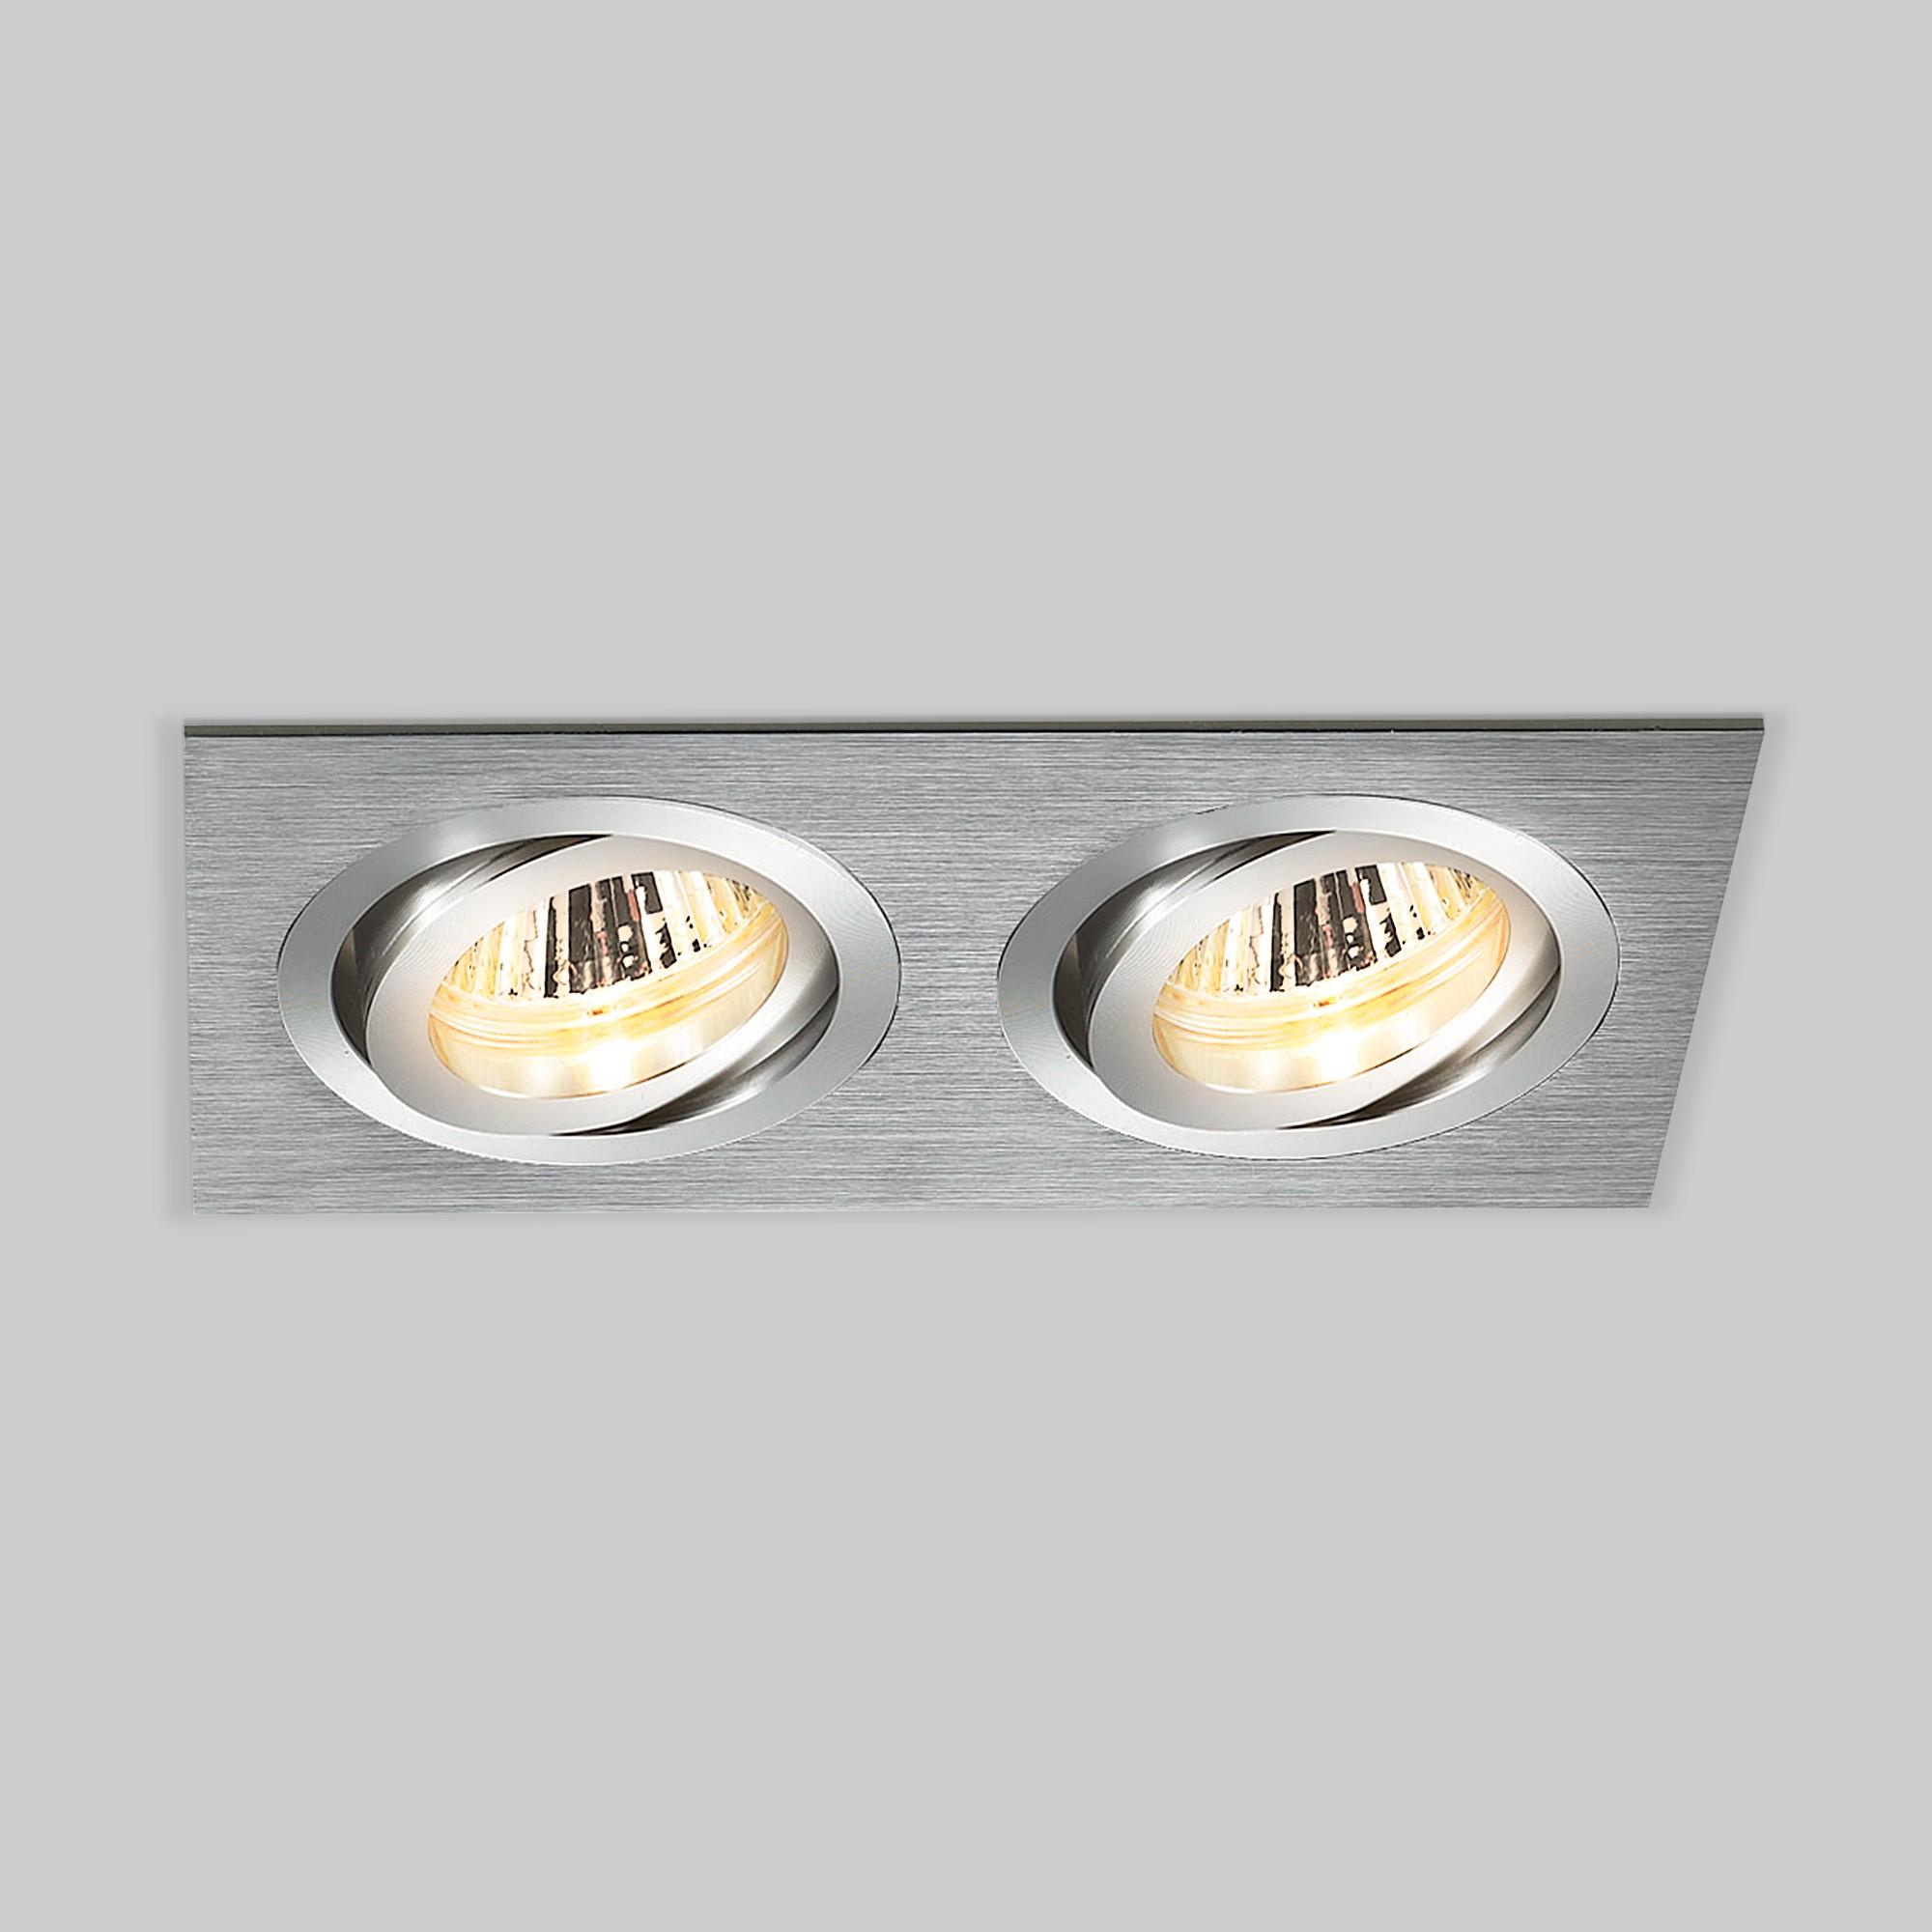 Фото Встраиваемый светильник 1011 a029903